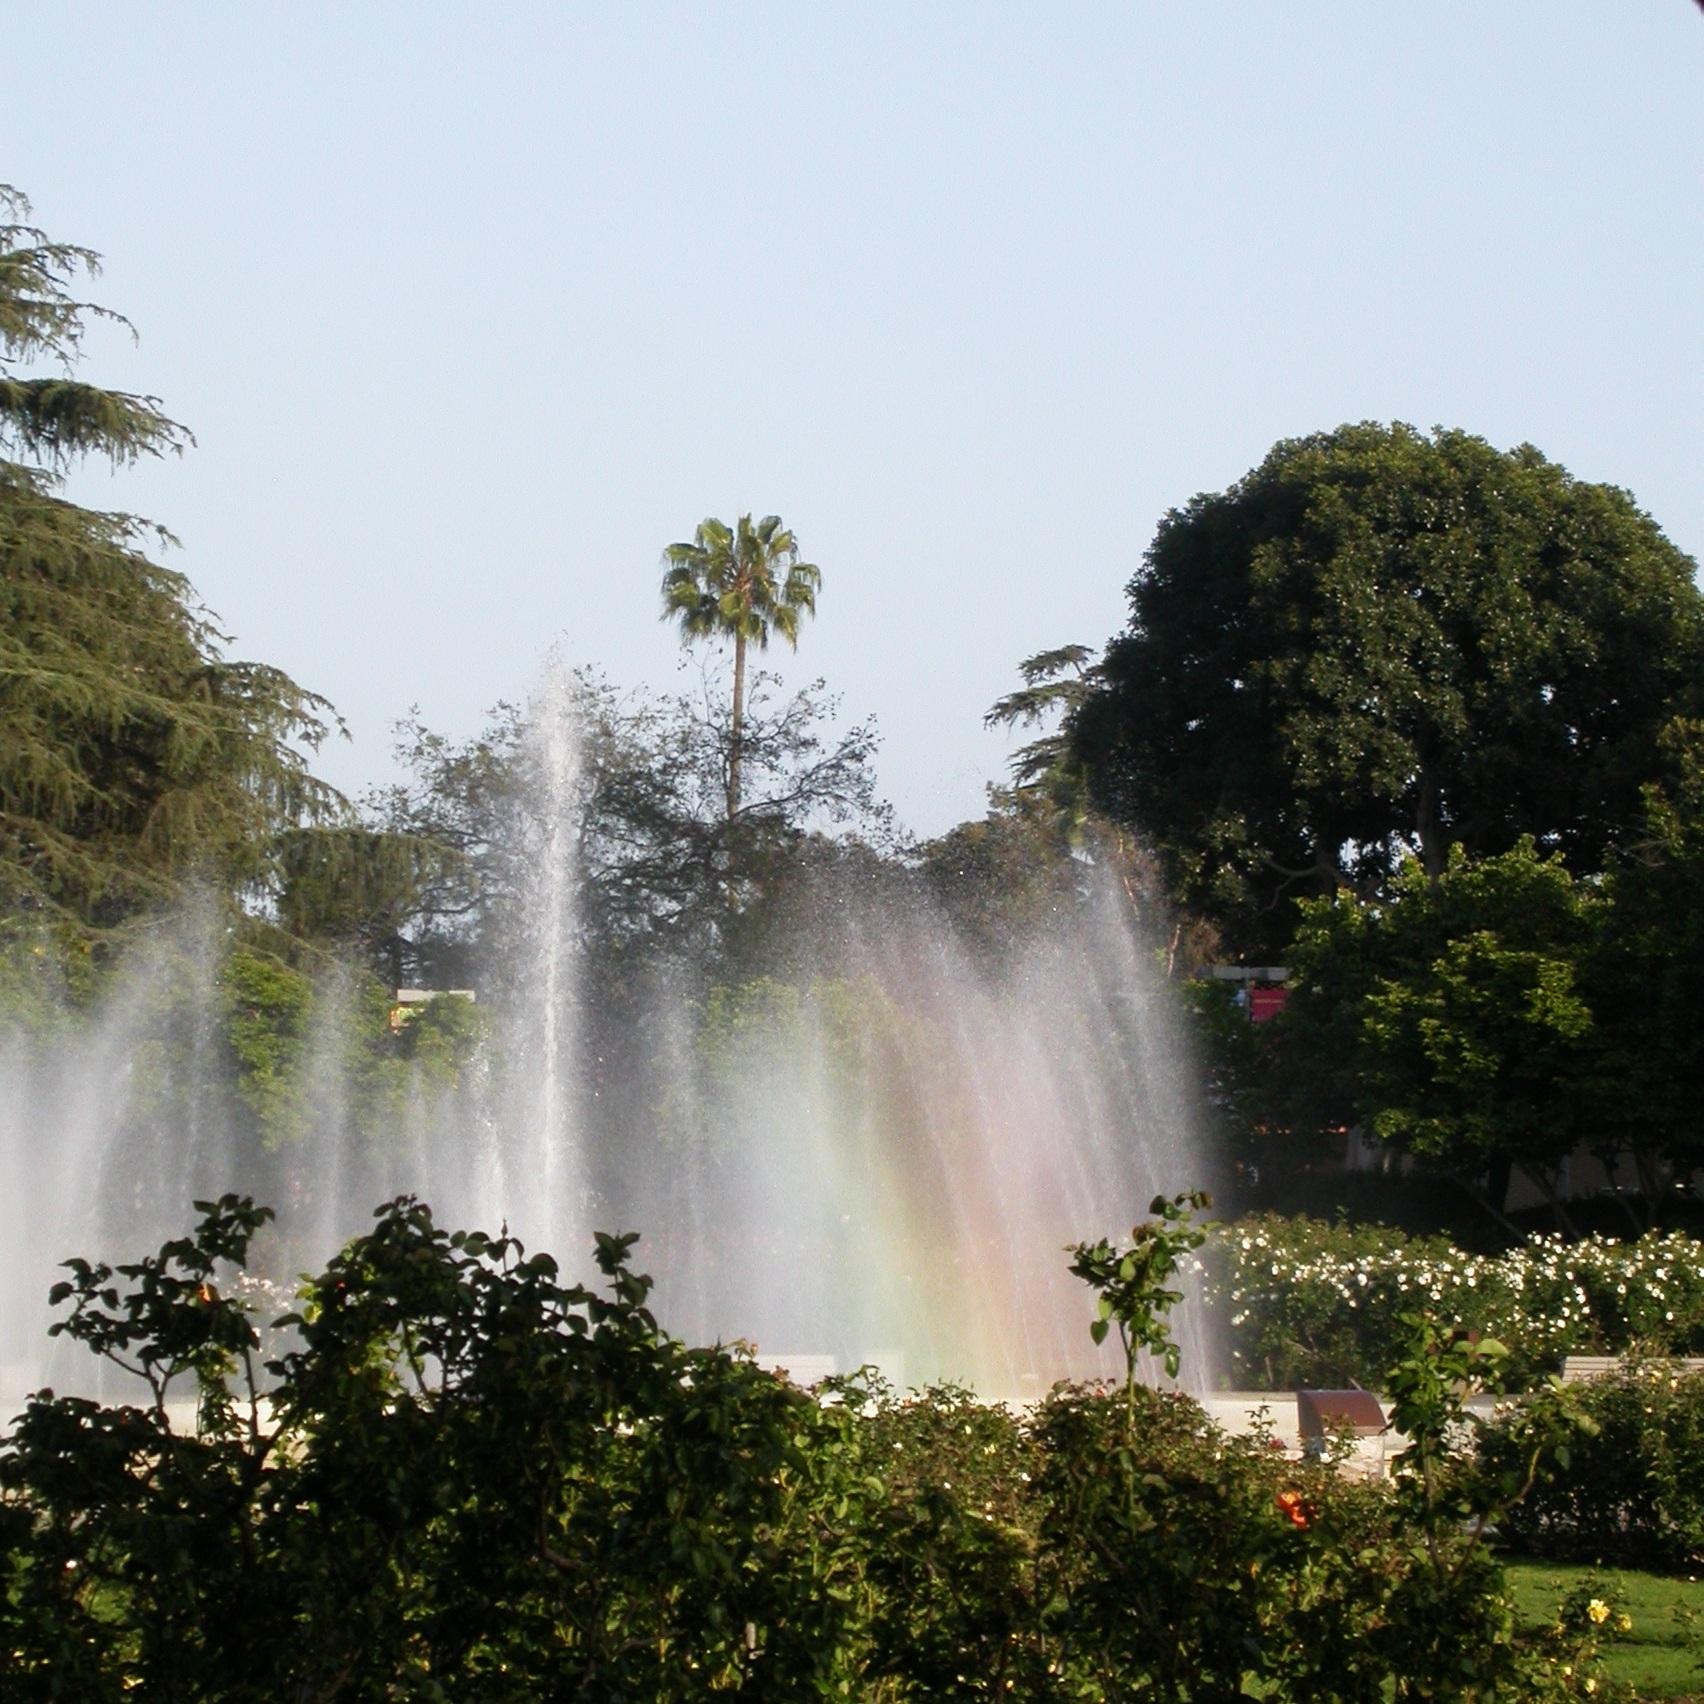 LACM dino camp 2 - fountain